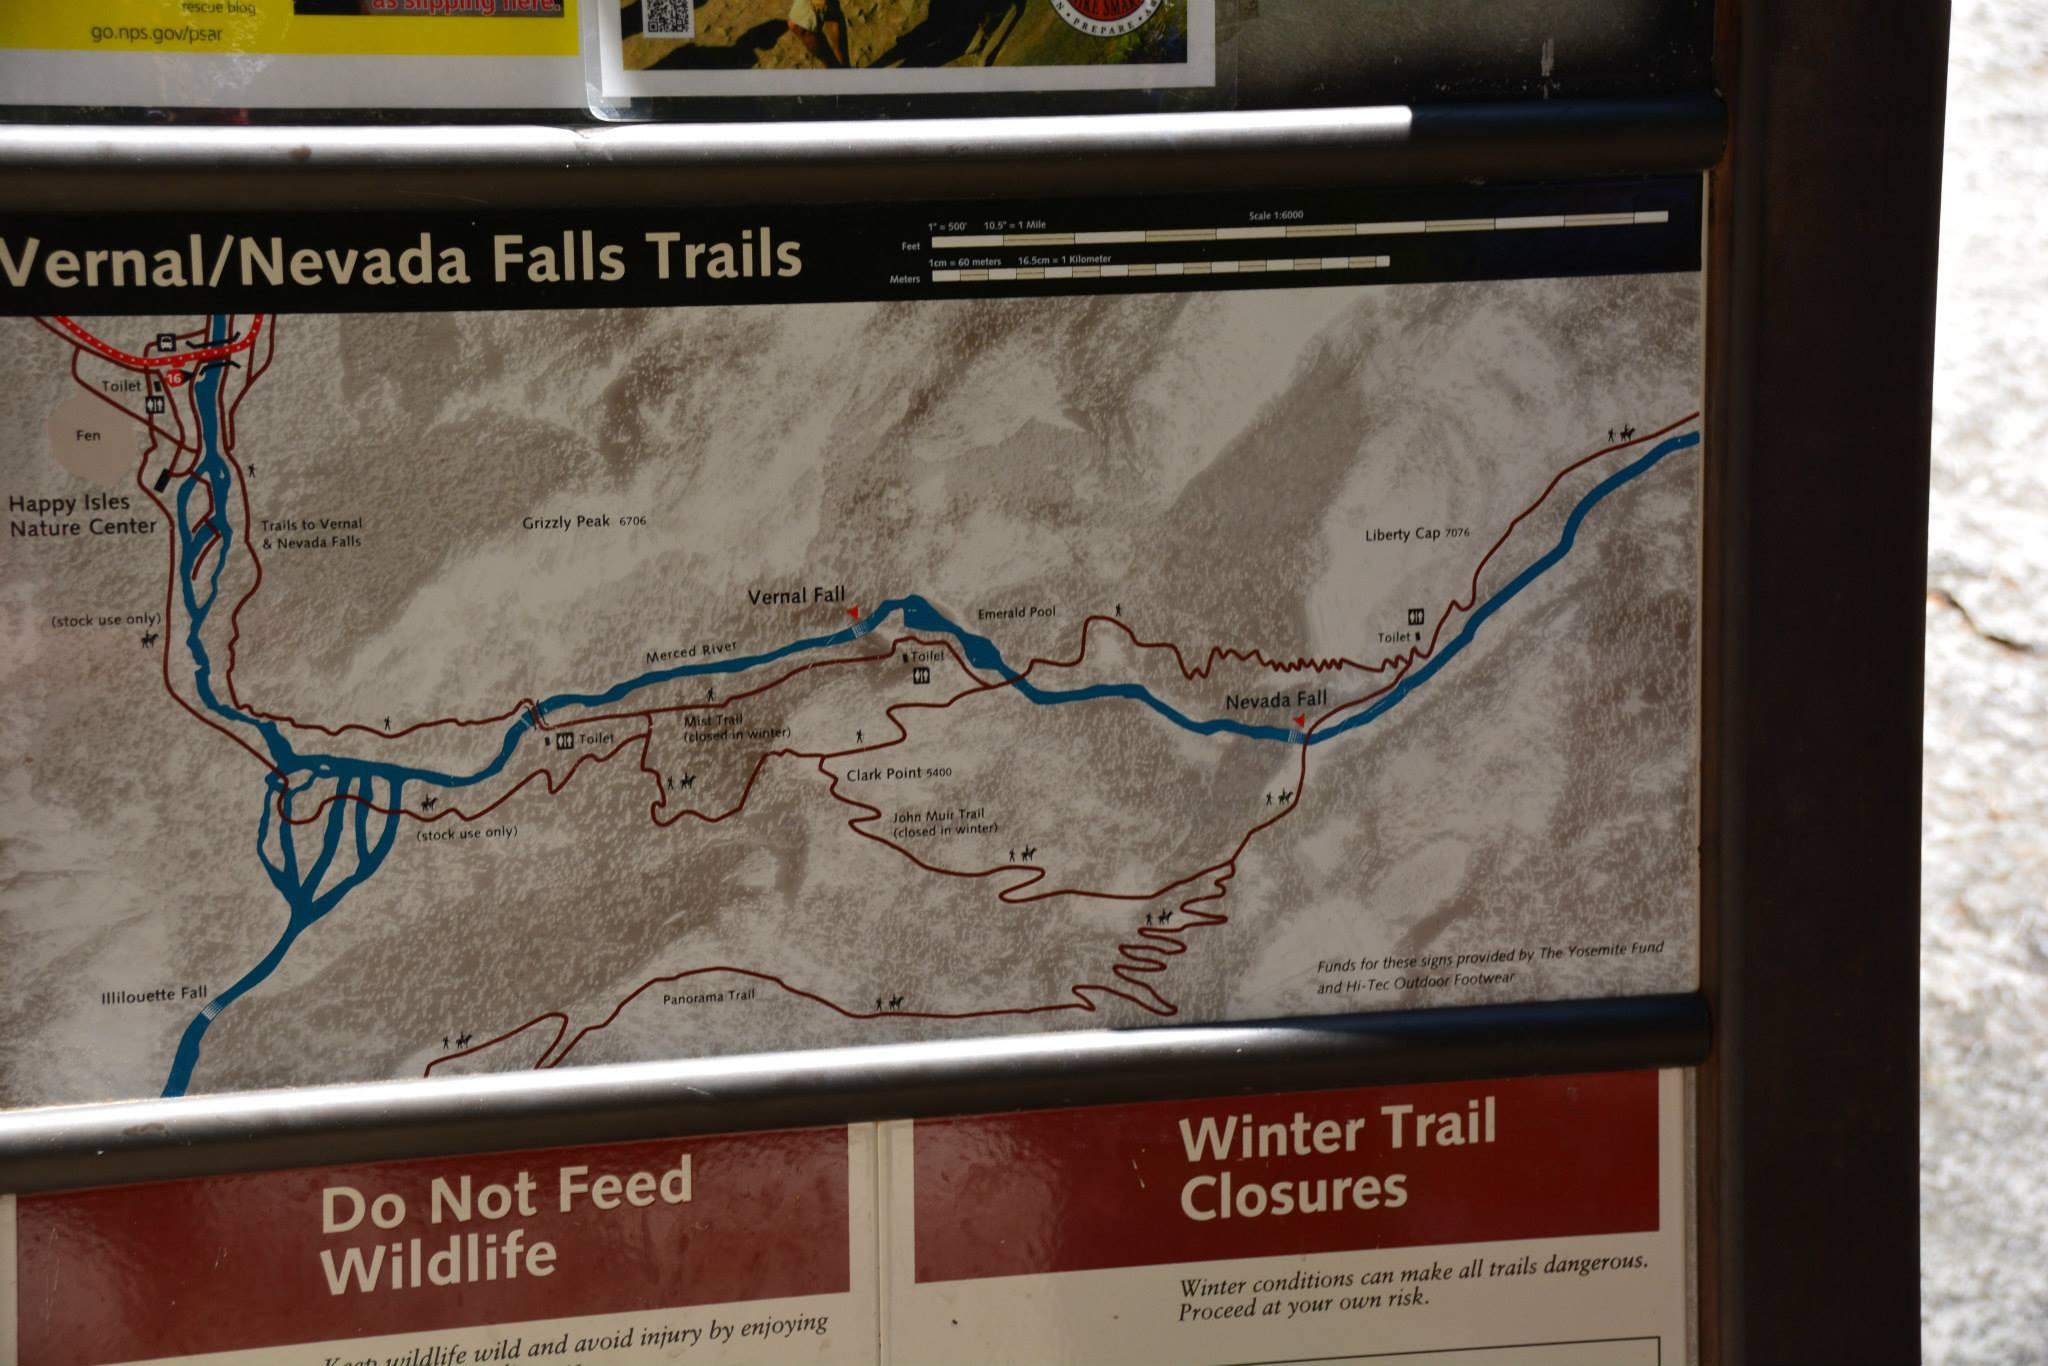 מפת המסלול למפל ורנל/נבאדה